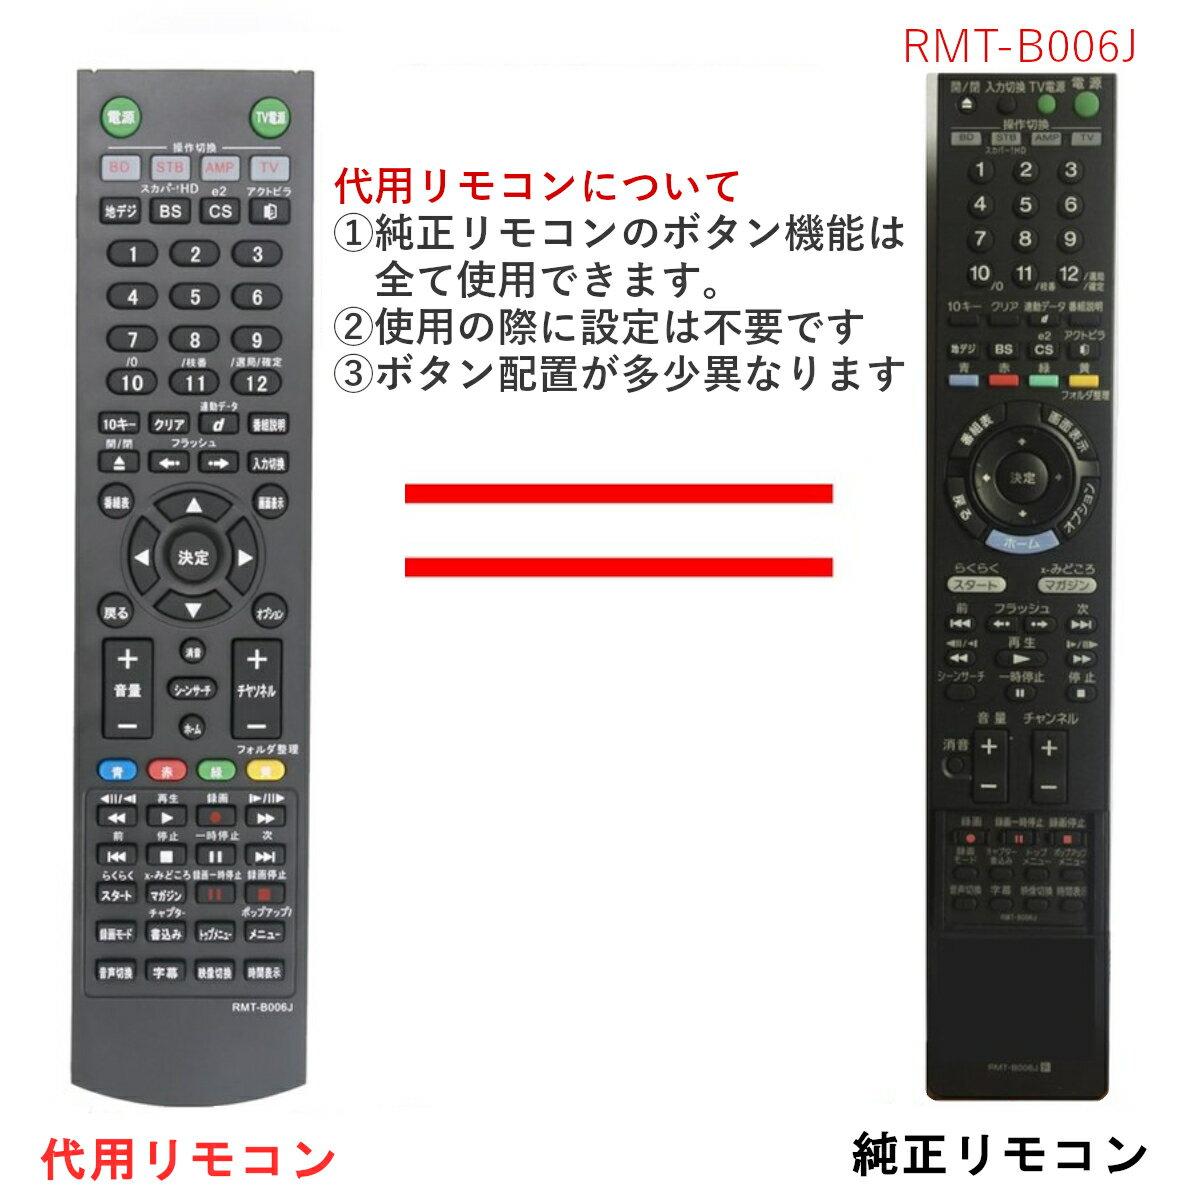 ソニー ブルーレイディスクレコーダー リモコン RMT-B006J  BDZ-RS15 BDZ-RX35 BDZ-RX55 BDZ-RX105 SONY 代用リモコン  PerFascin